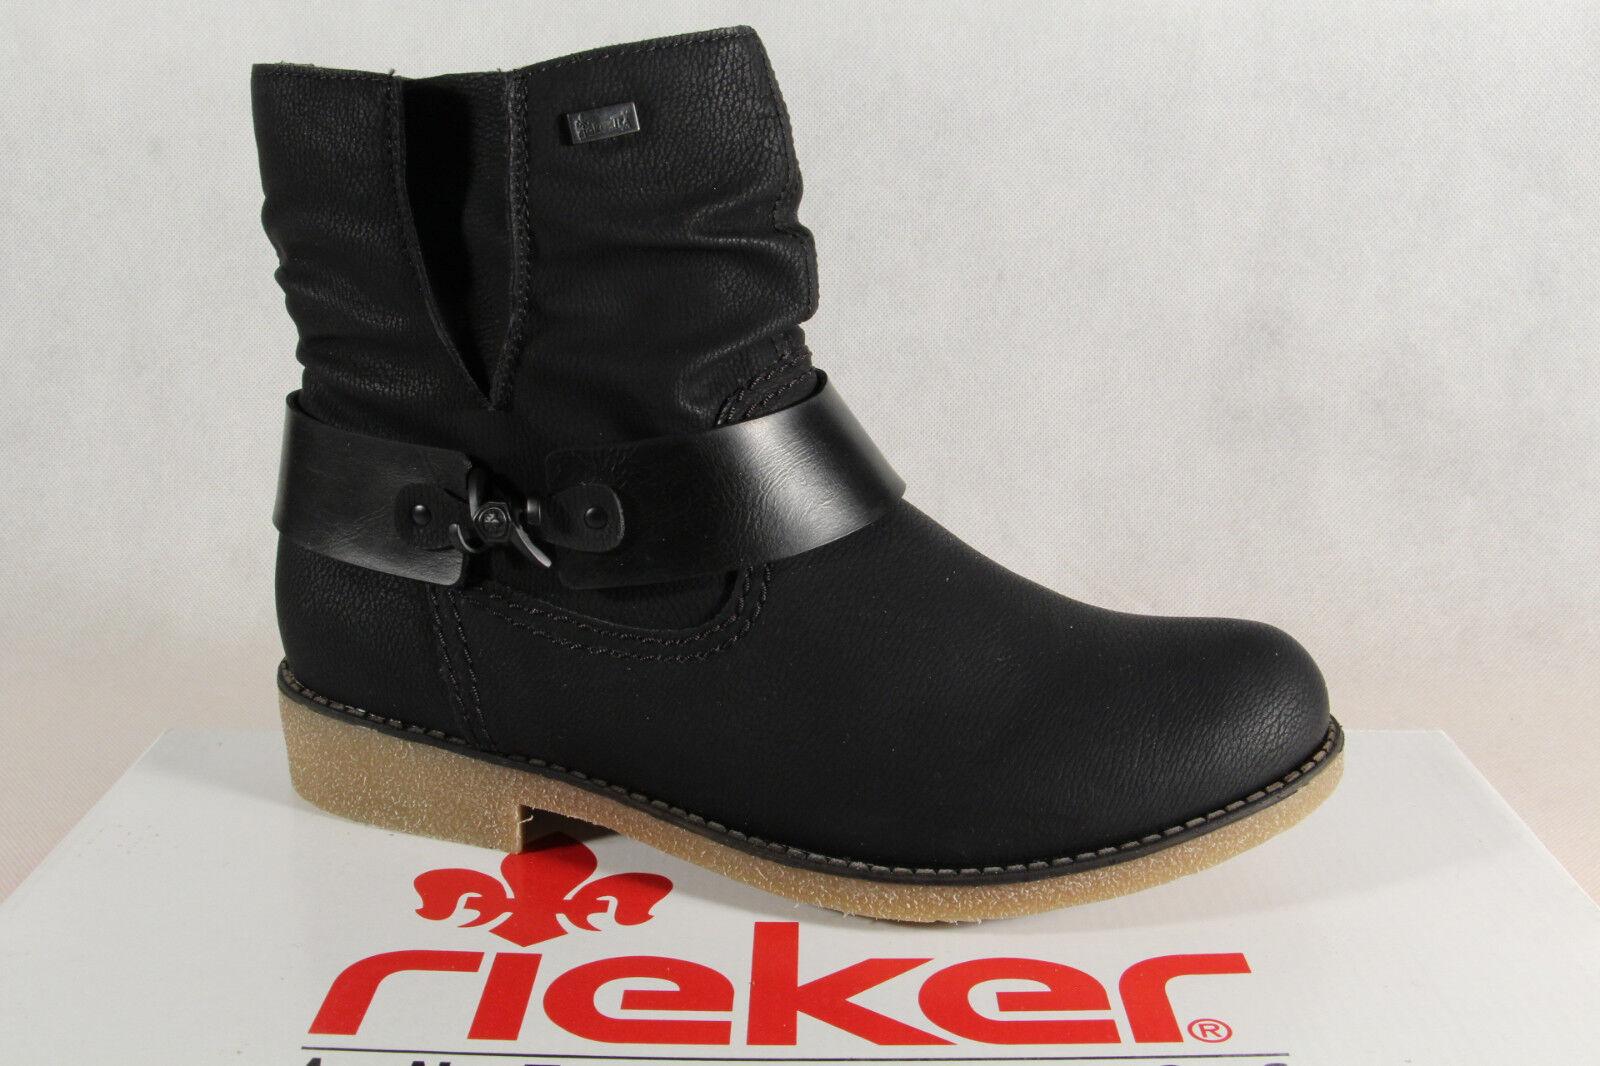 Rieker Tex Damen Stiefel, Stiefelette schwarz Schurwollfutter 76736 NEU